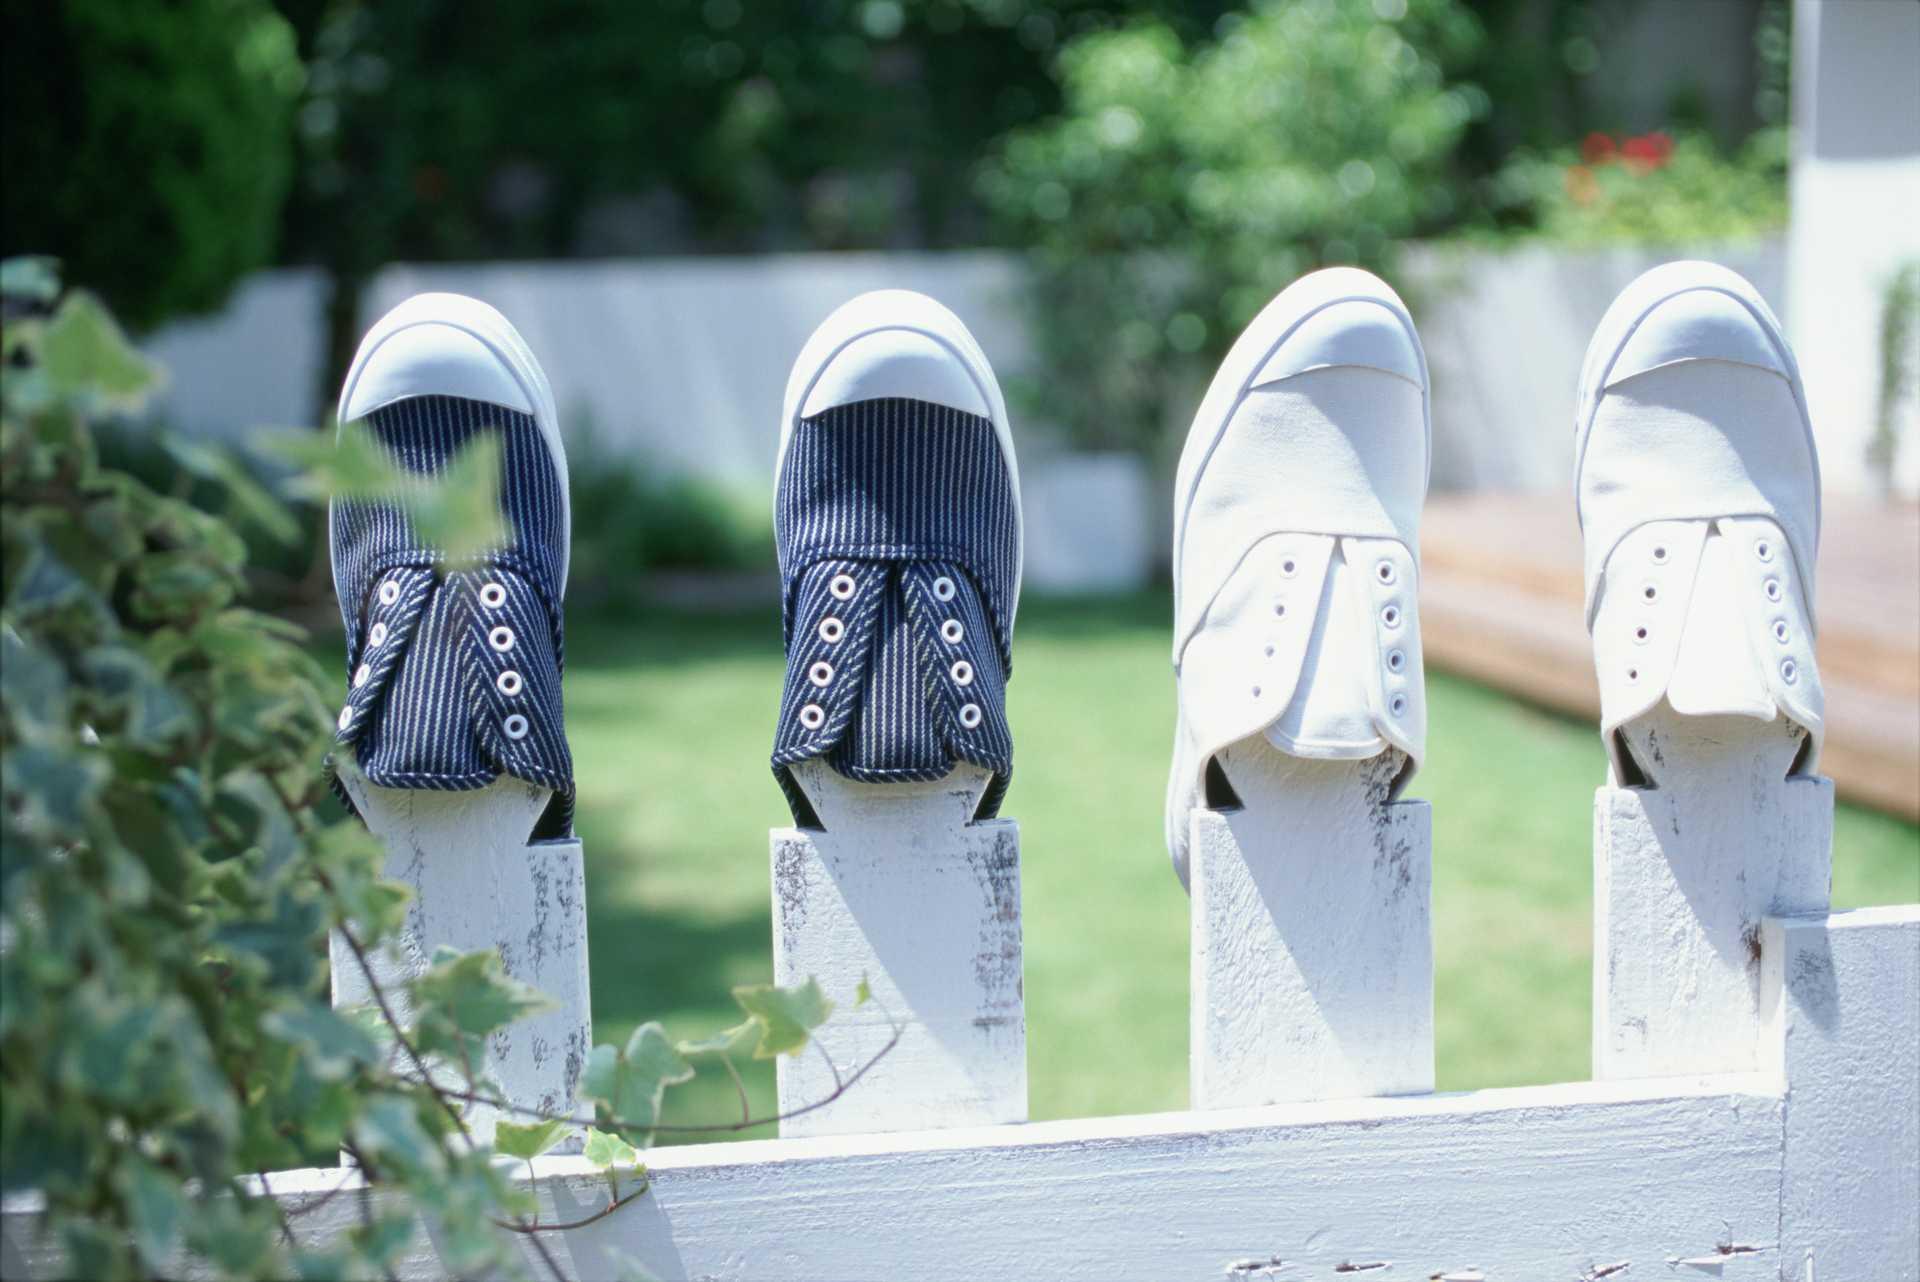 靴のきれいさは、心のきれいさと比例する。 | 運がいい人の30の習慣